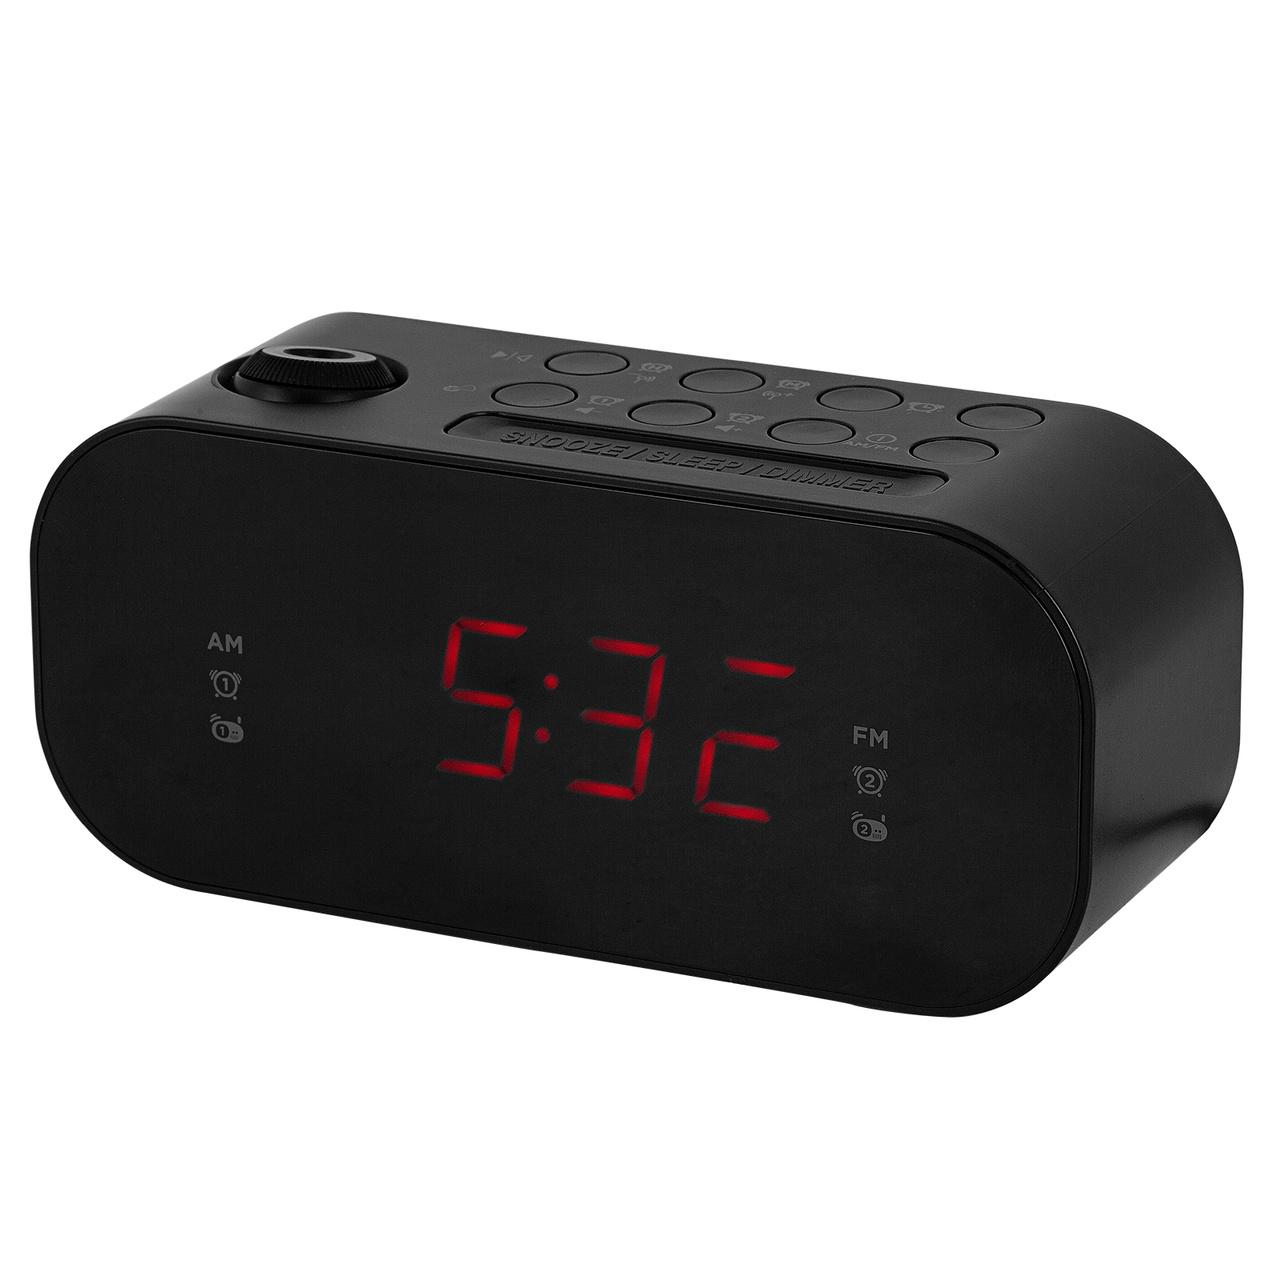 Shoppa Moretime Digital Väckarklocka på uropenn.se!